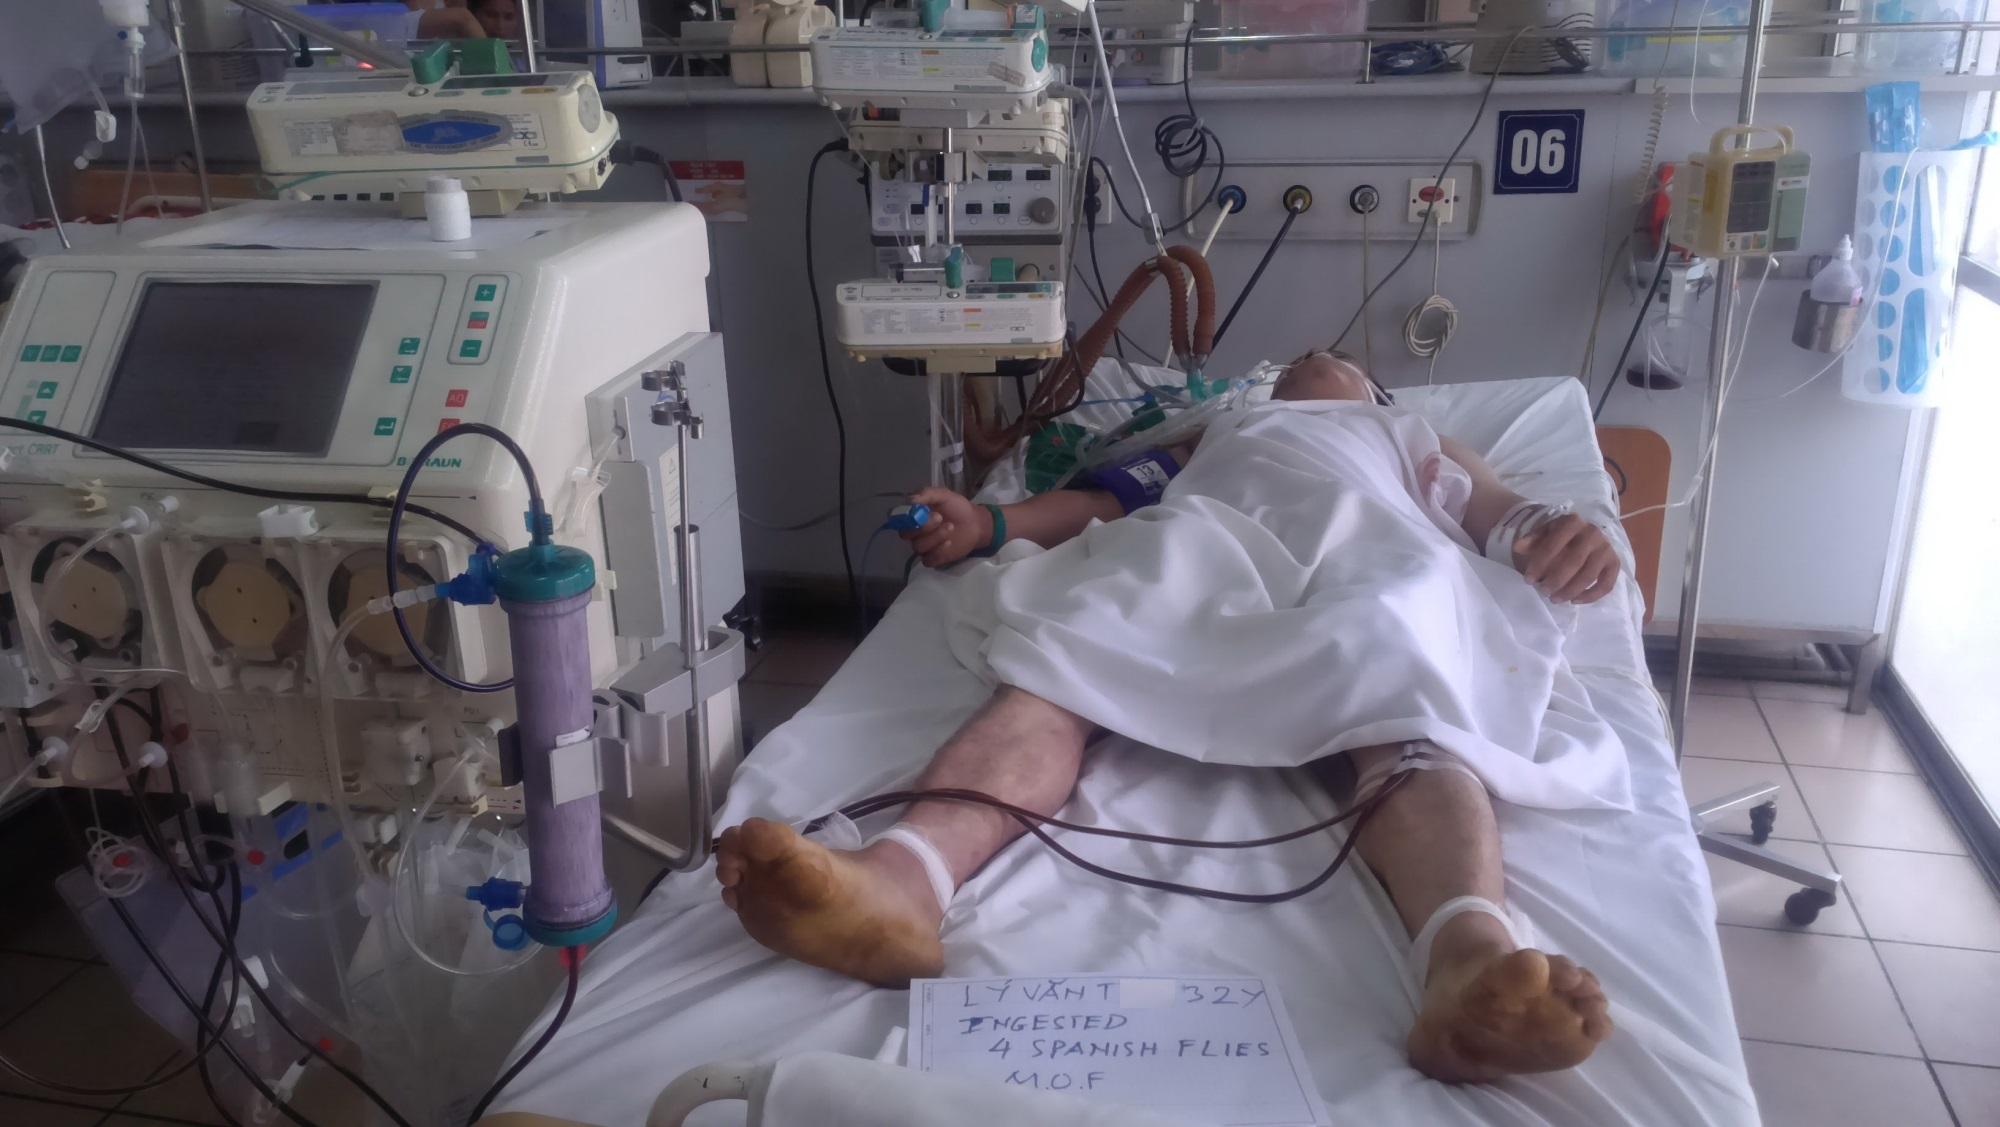 Cả gia đình nhập viện cấp cứu, tử vong vì thú vui 'nhậu' sâu ban miêu - Ảnh 2